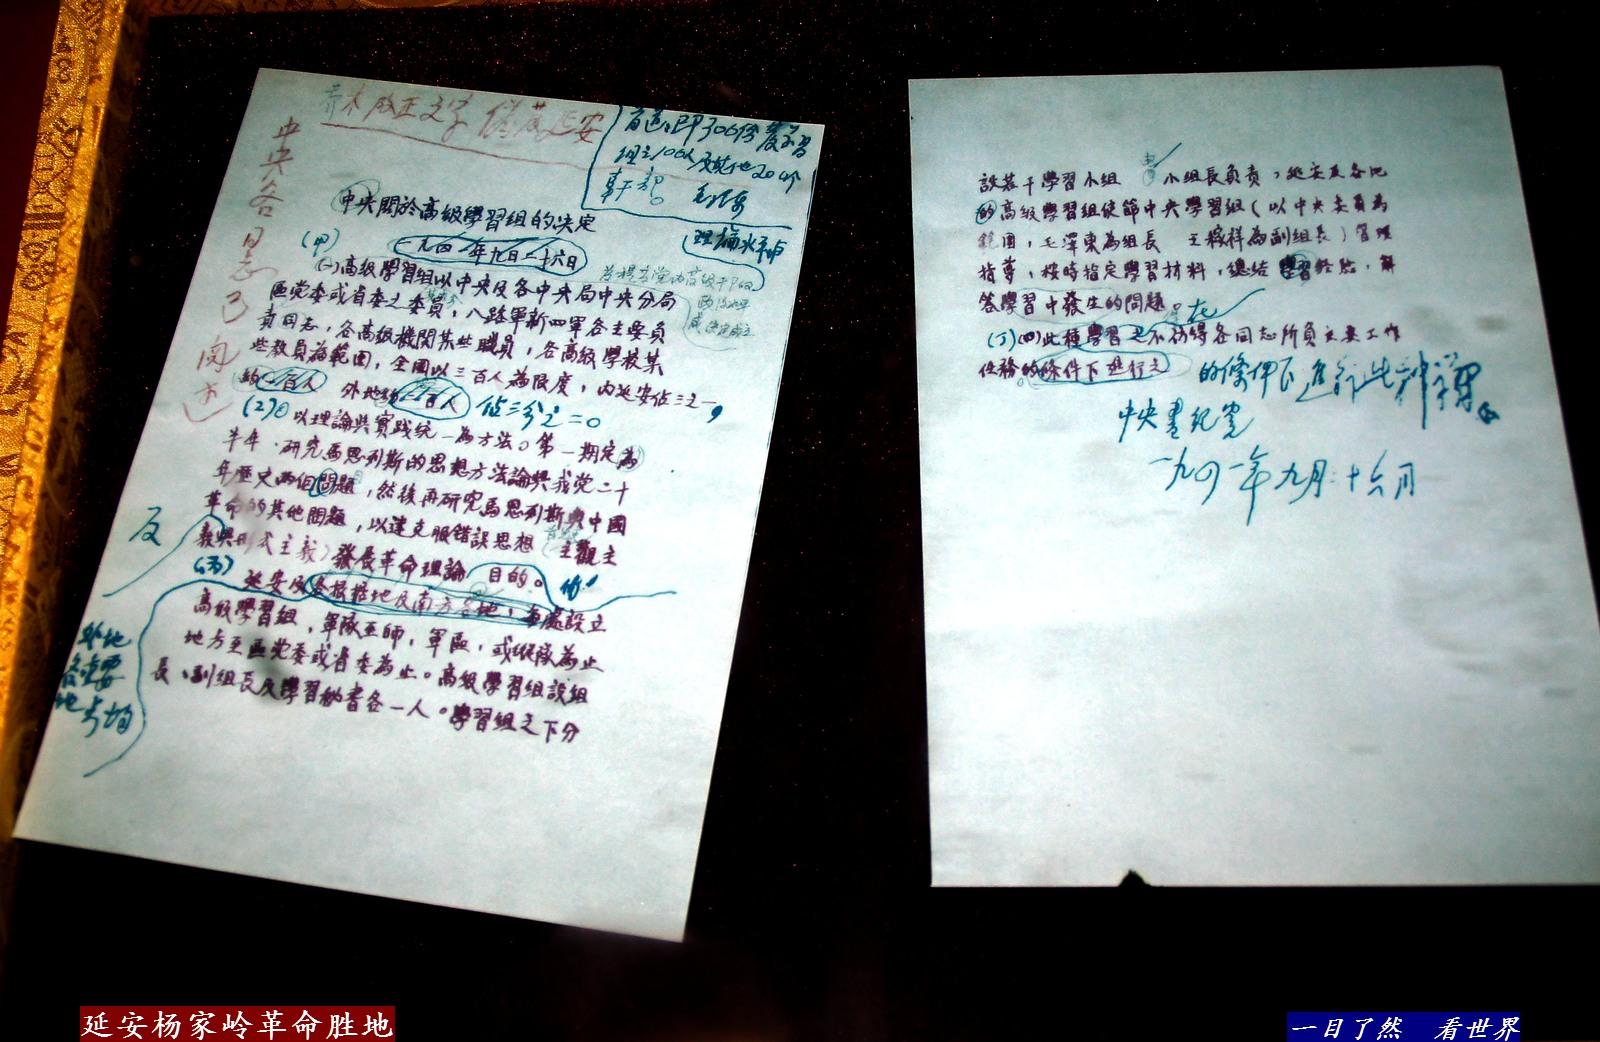 延安杨家岭革命胜地-21-1600.jpg